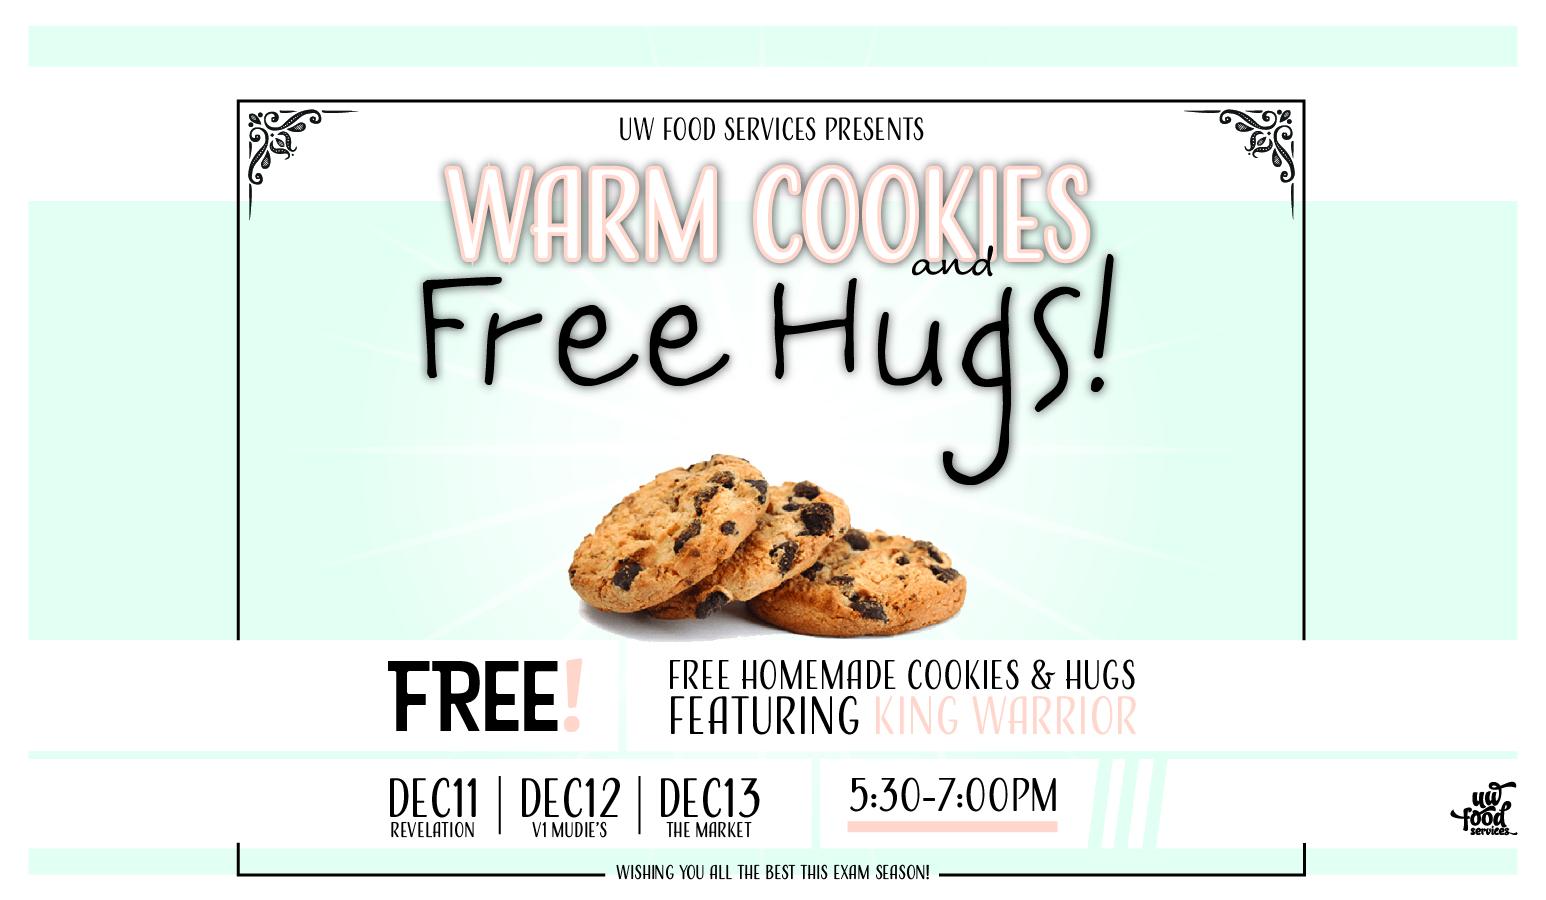 Free cookies & hugs poster